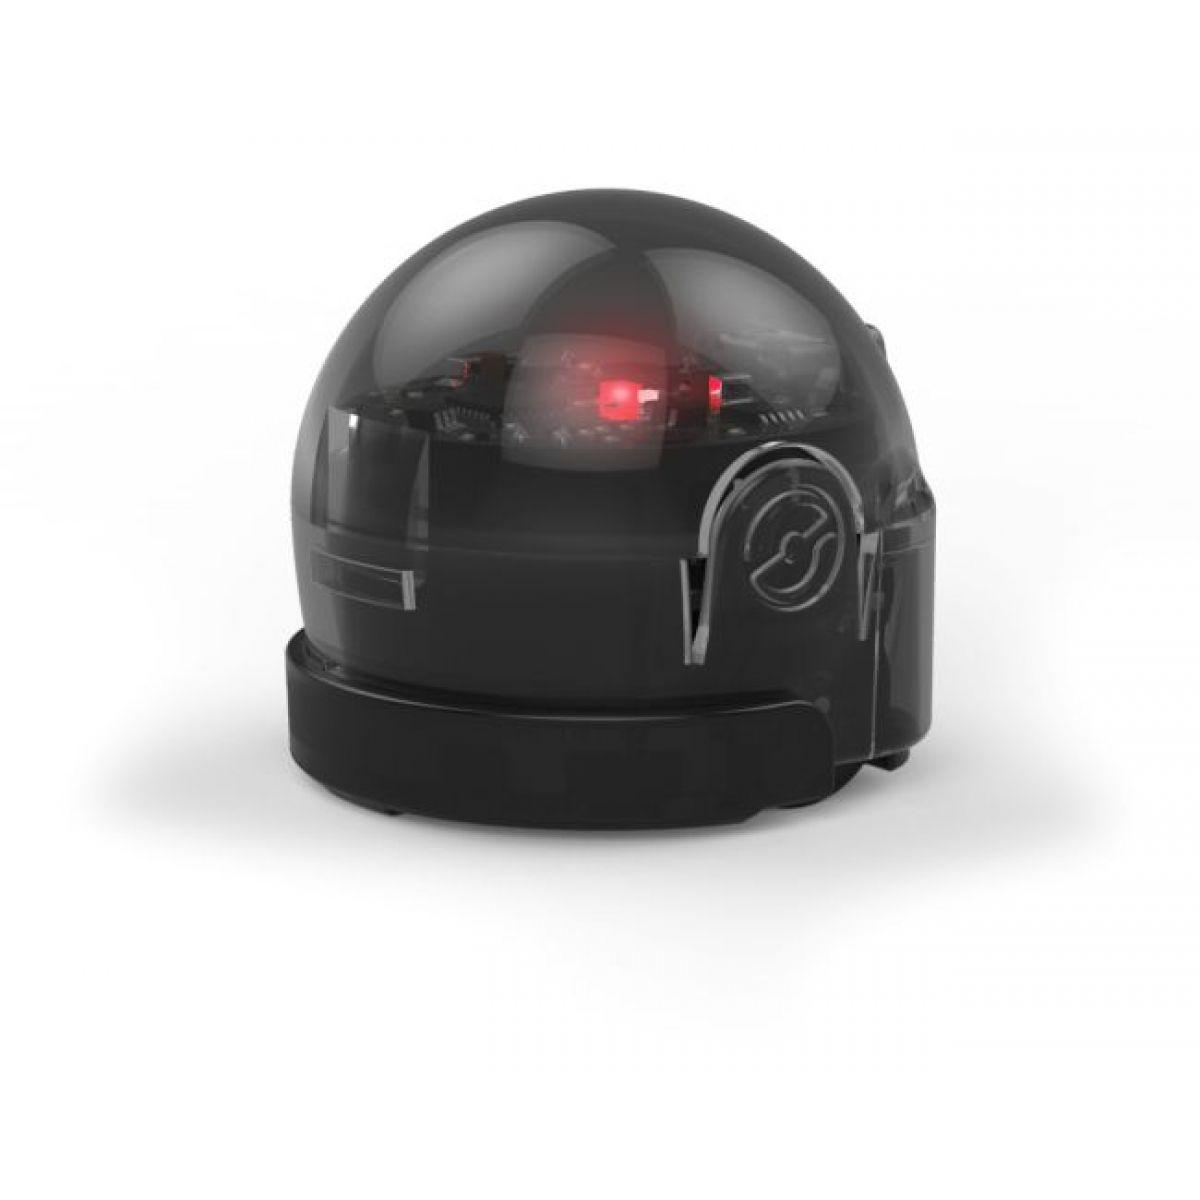 Ozobot 2.0 Bit inteligentní minibot titanově černý